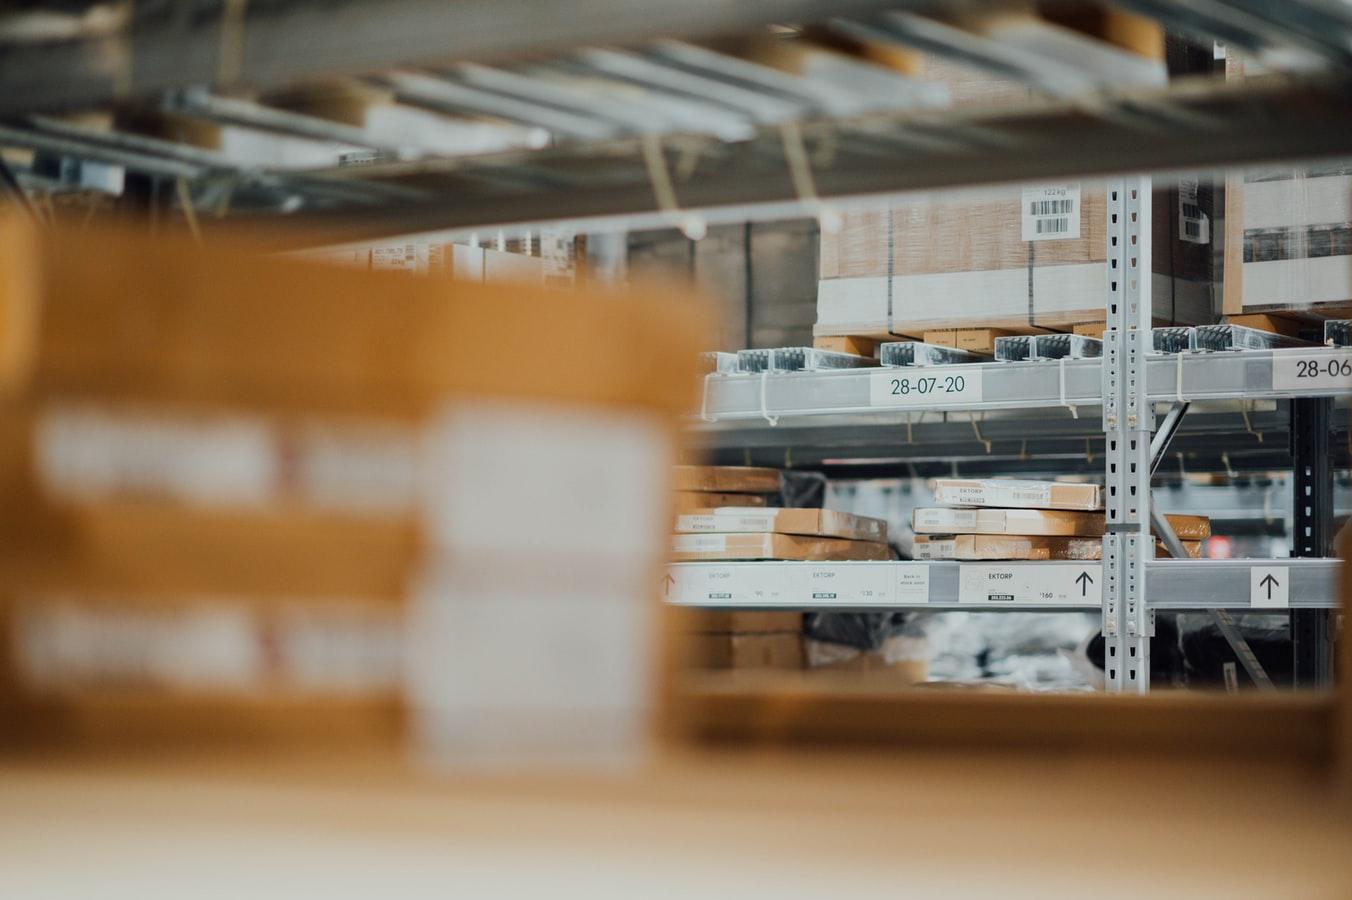 Dịch vụ ship hàng từ Mỹ về Hà Nội của Xanh Logistics